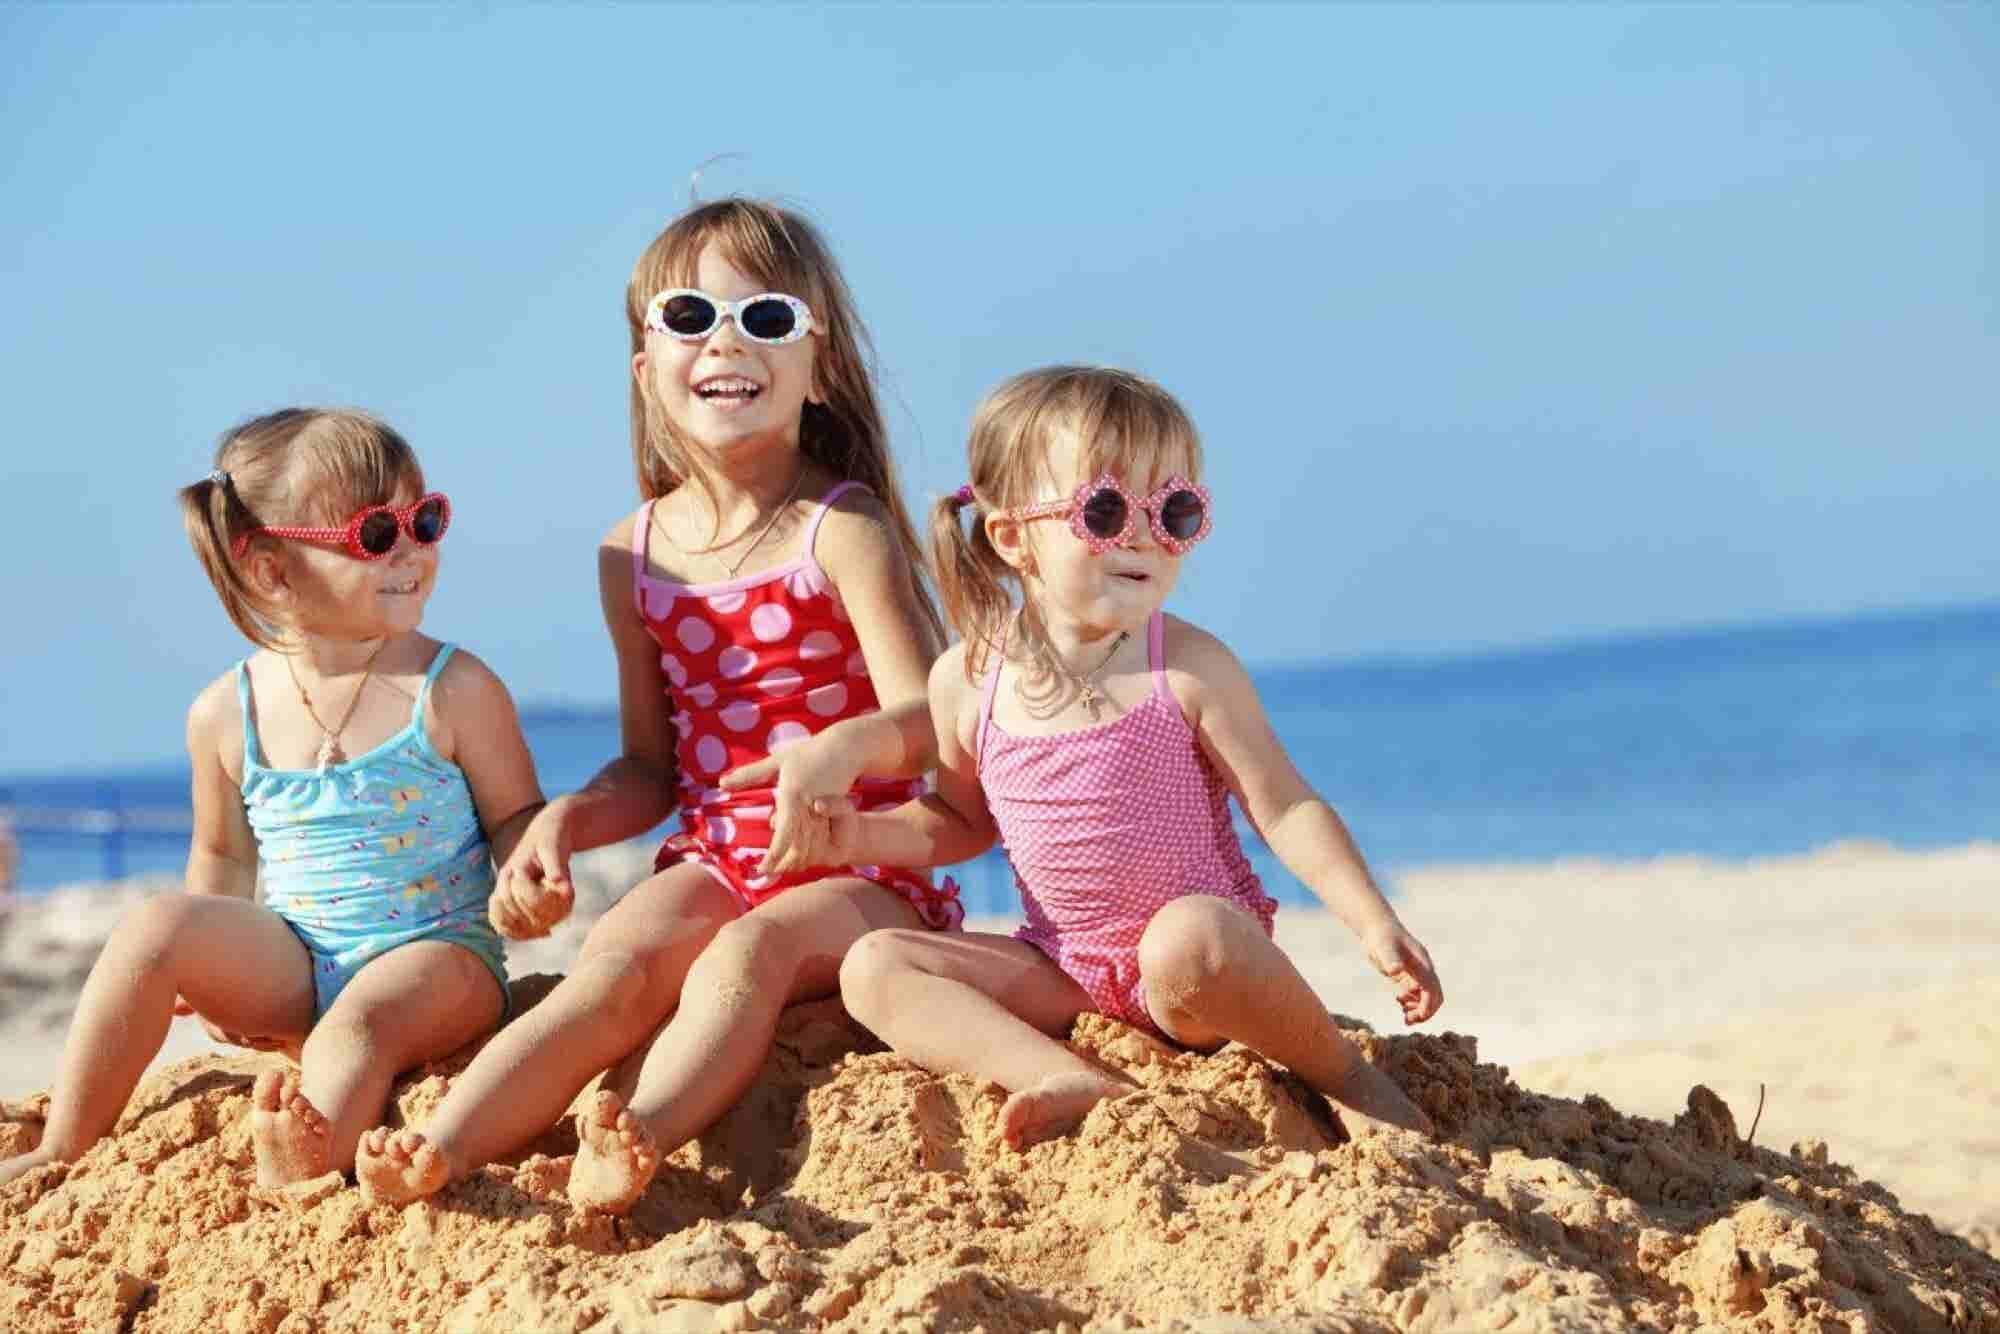 Los niños mueven 50% del turismo familiar en México